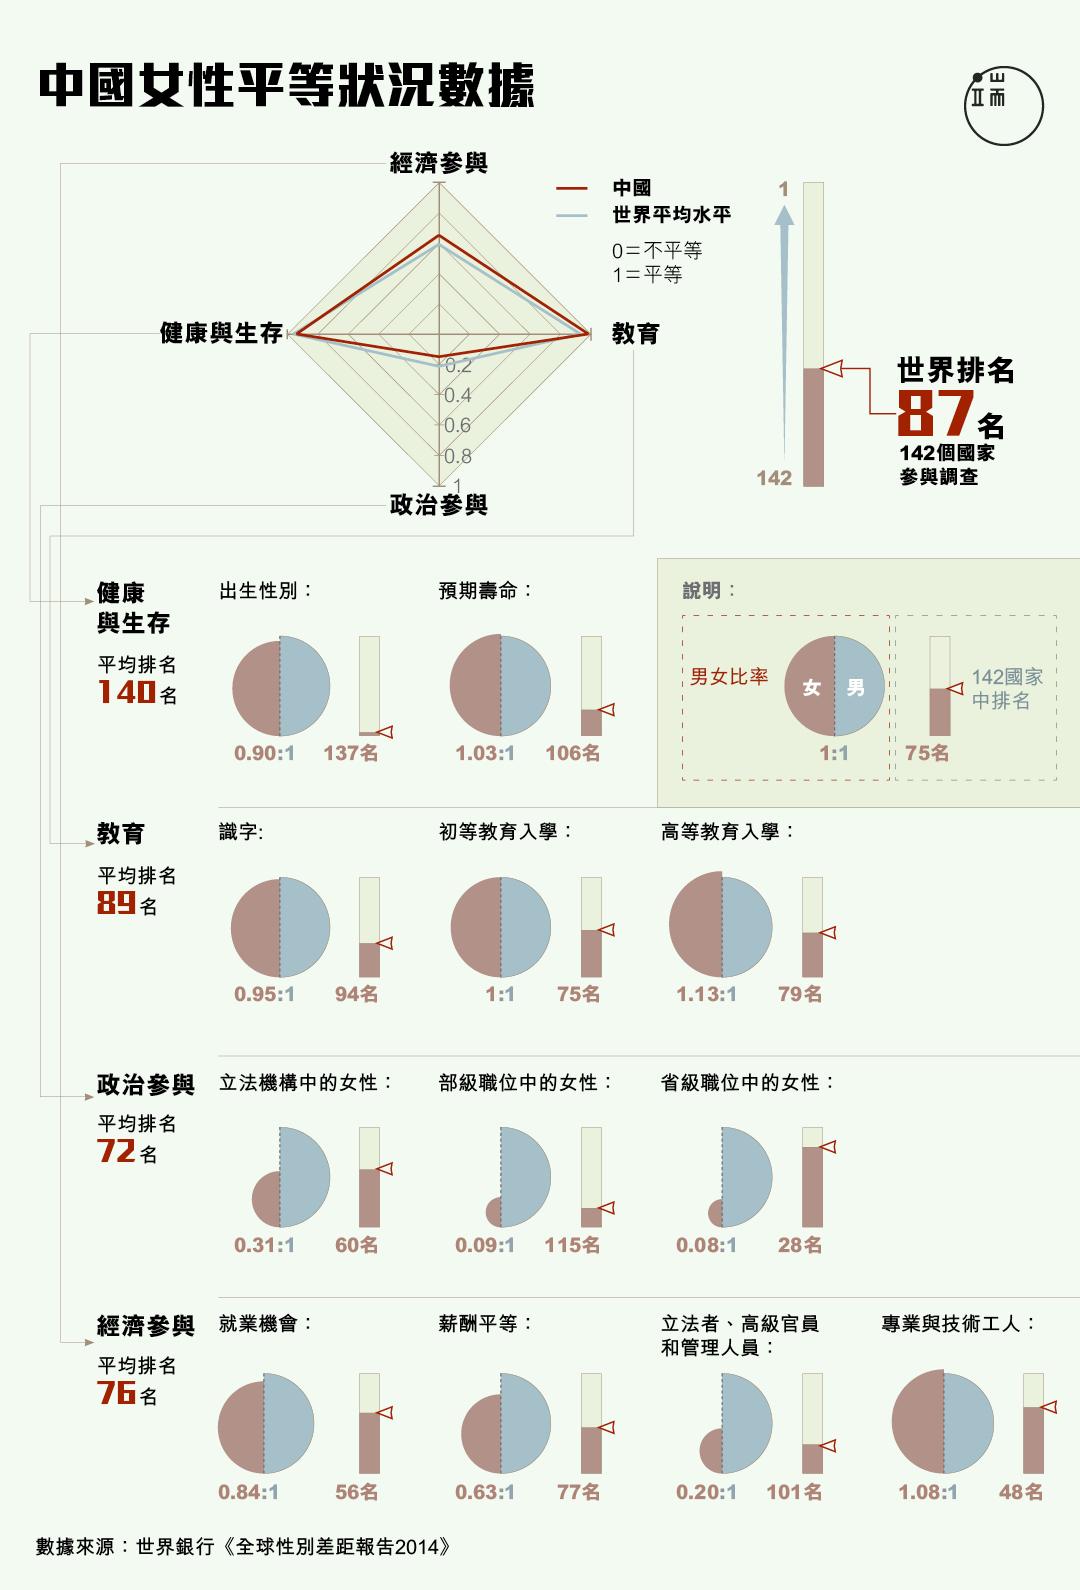 中國女性平等狀況數據。圖:端傳媒設計部